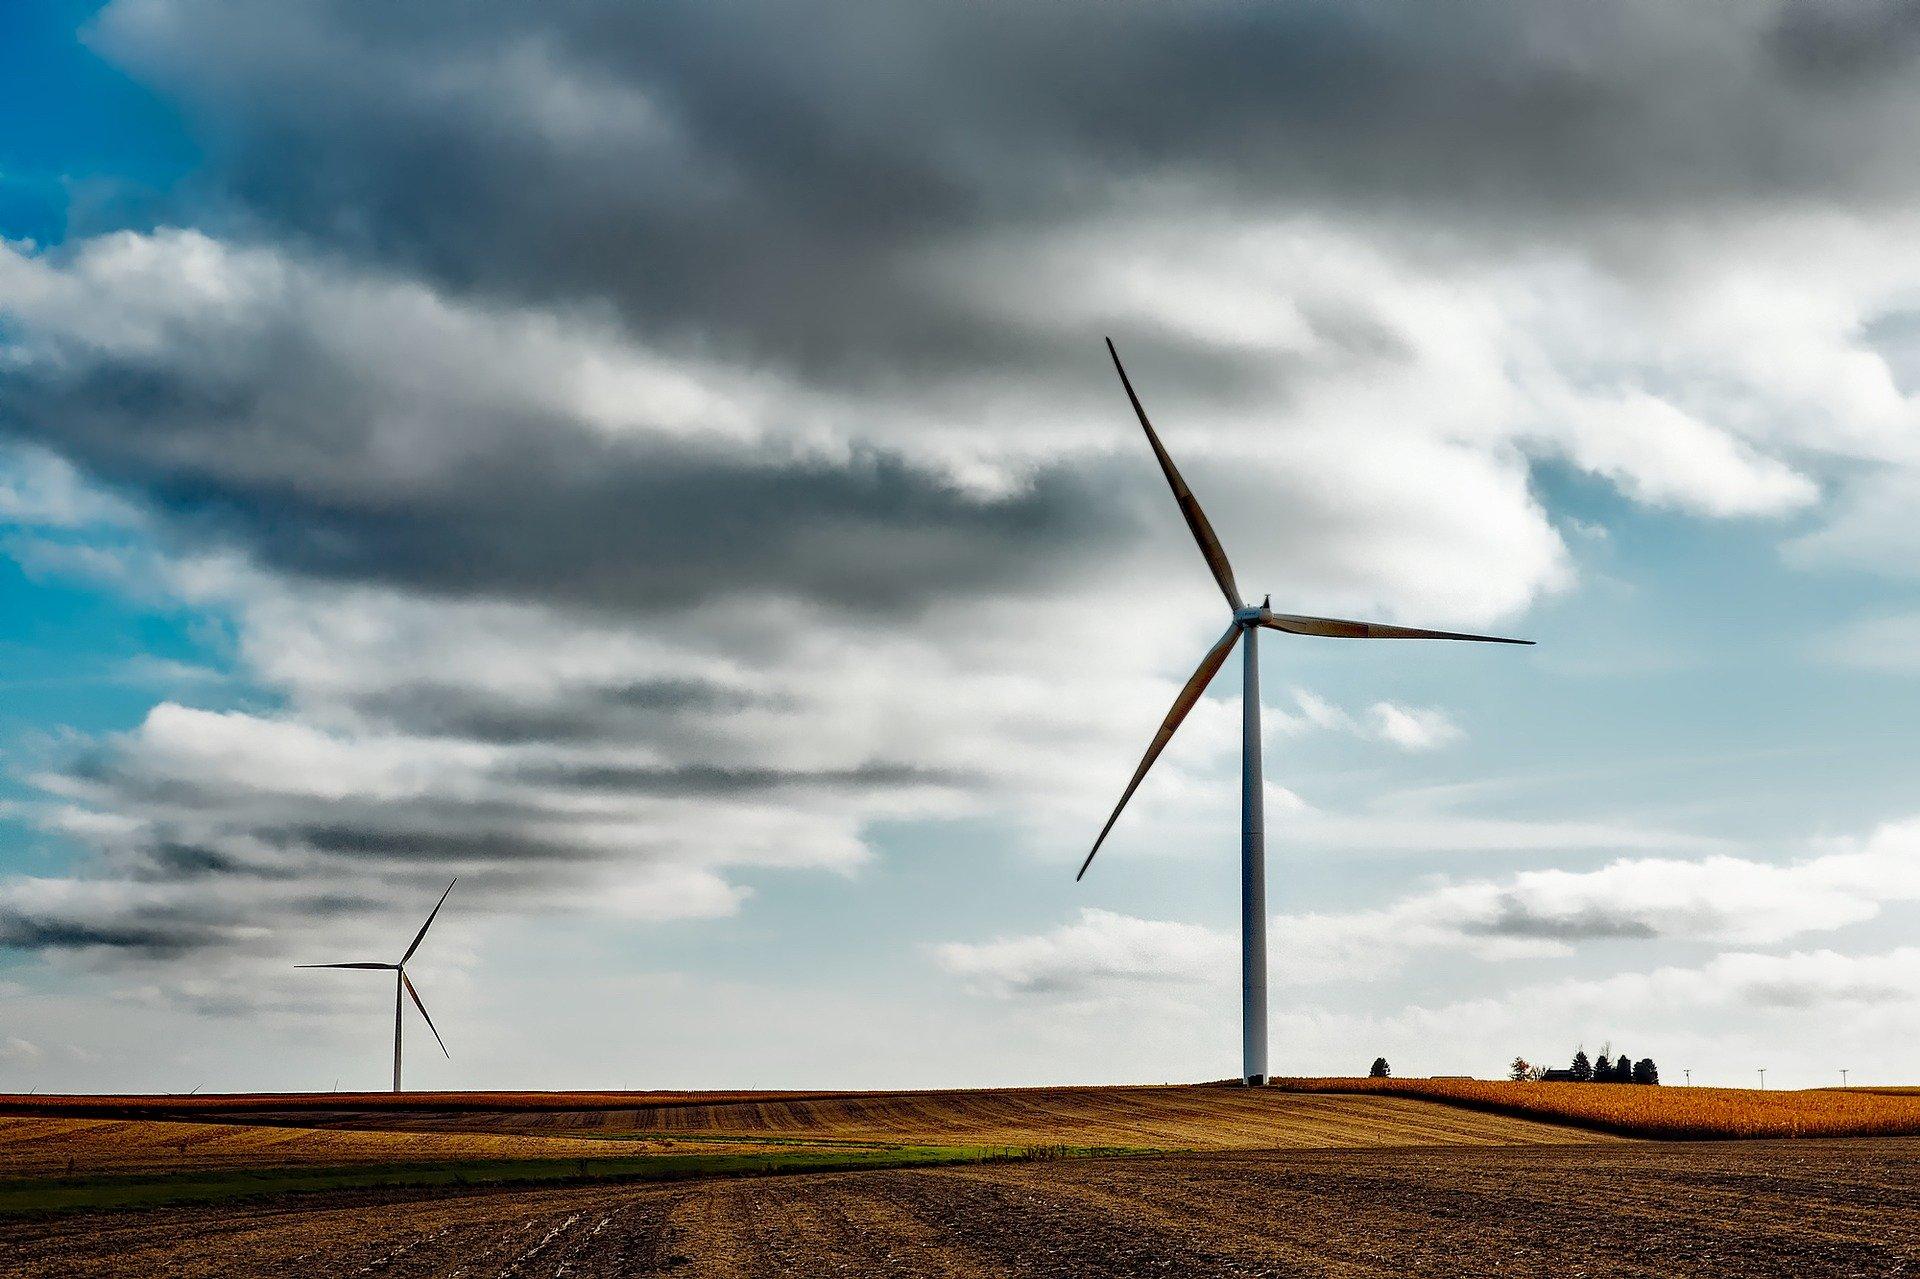 Éoliennes, les nouvelles énergies renouvelables